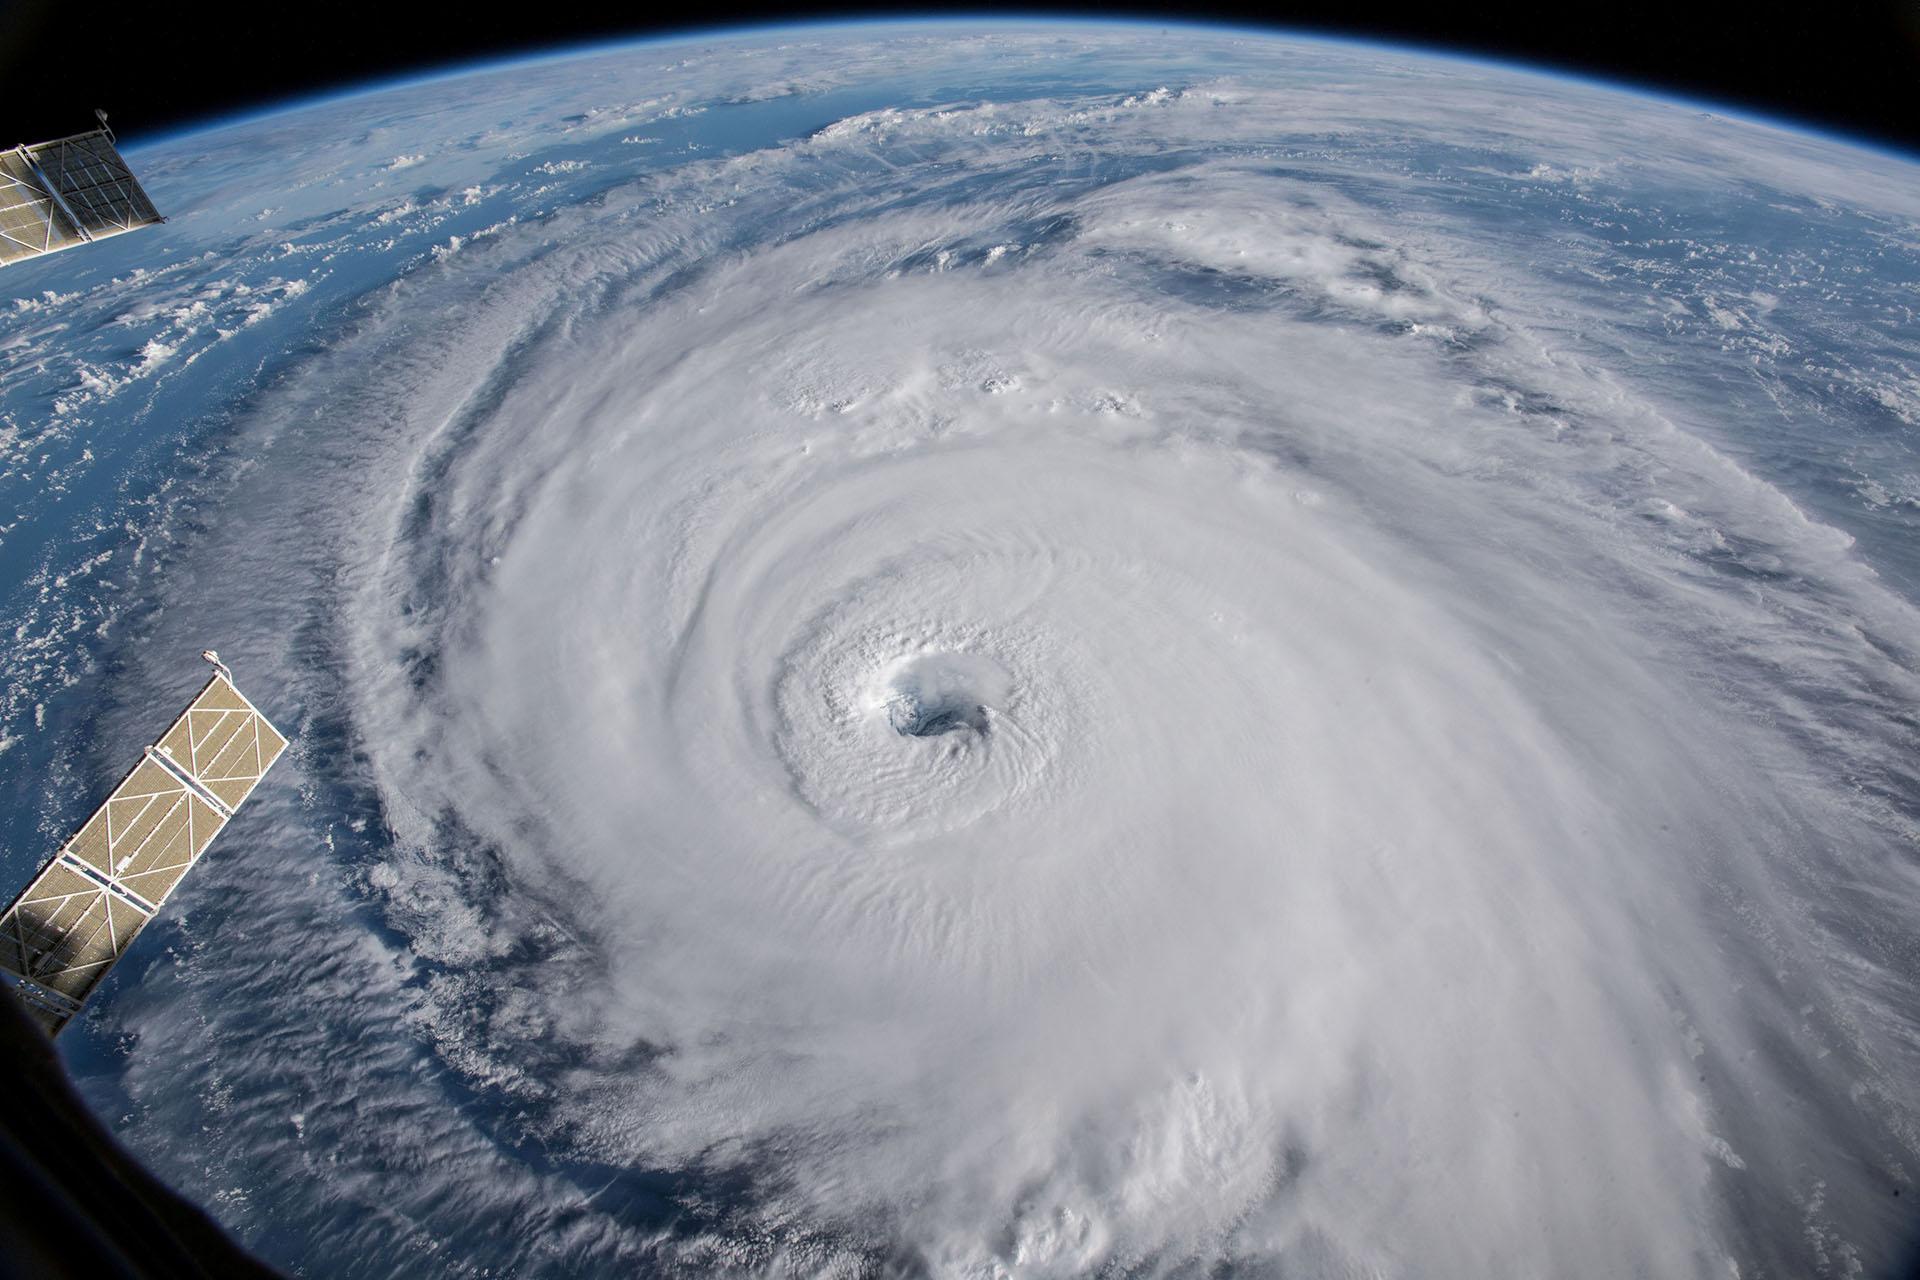 Una vista del huracán Florence tomada por cámaras fuera de la Estación Espacial Internacional muestra cómo se desplaza en el Océano Atlántico en dirección oeste, noroeste hacia la costa este de los Estados Unidos (REUTERS)